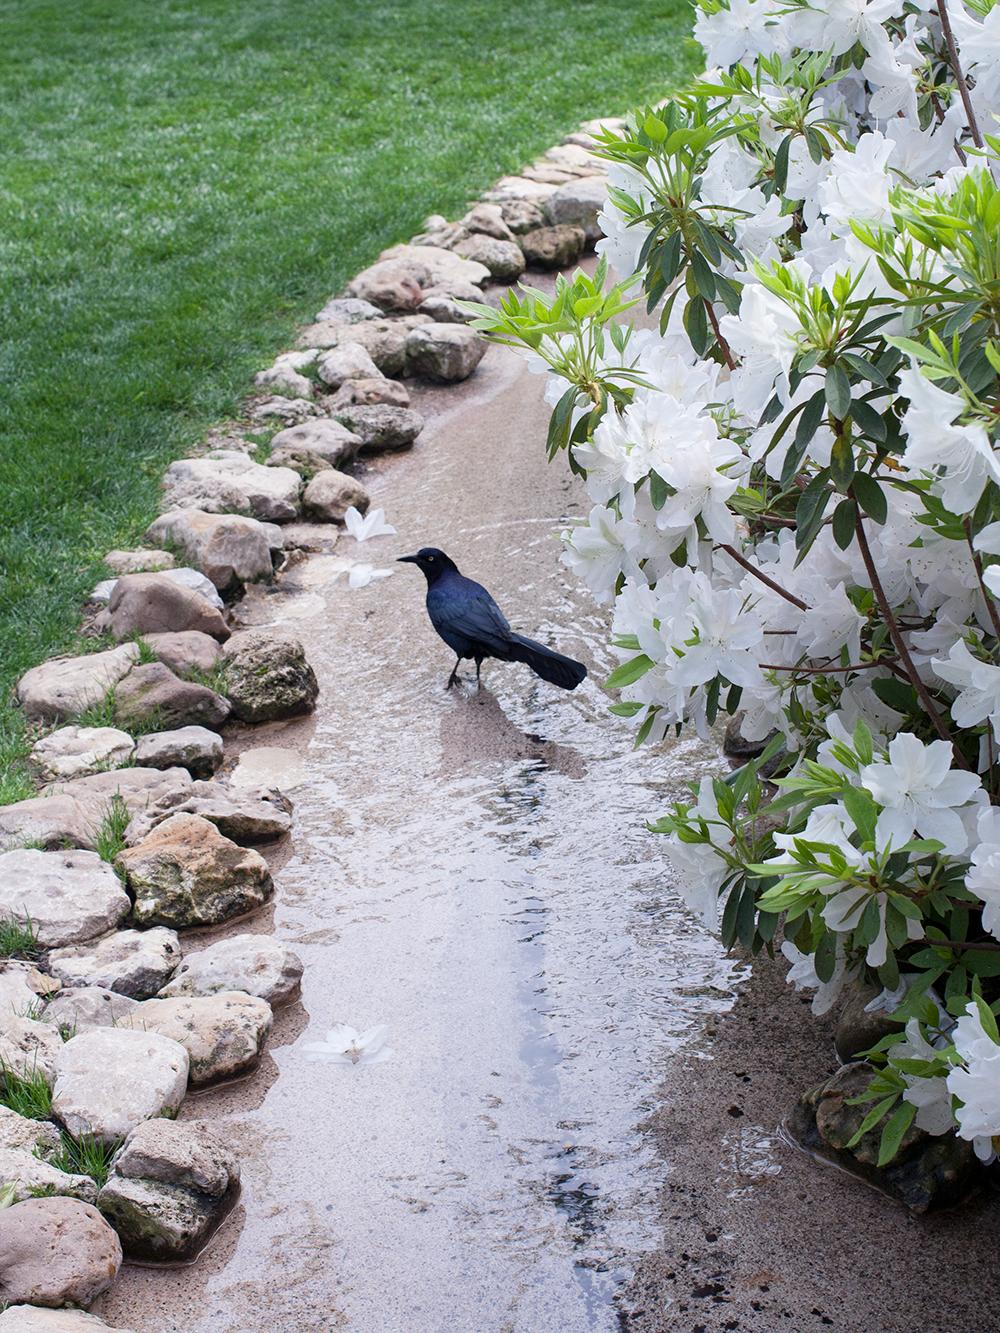 bird-in-water.png